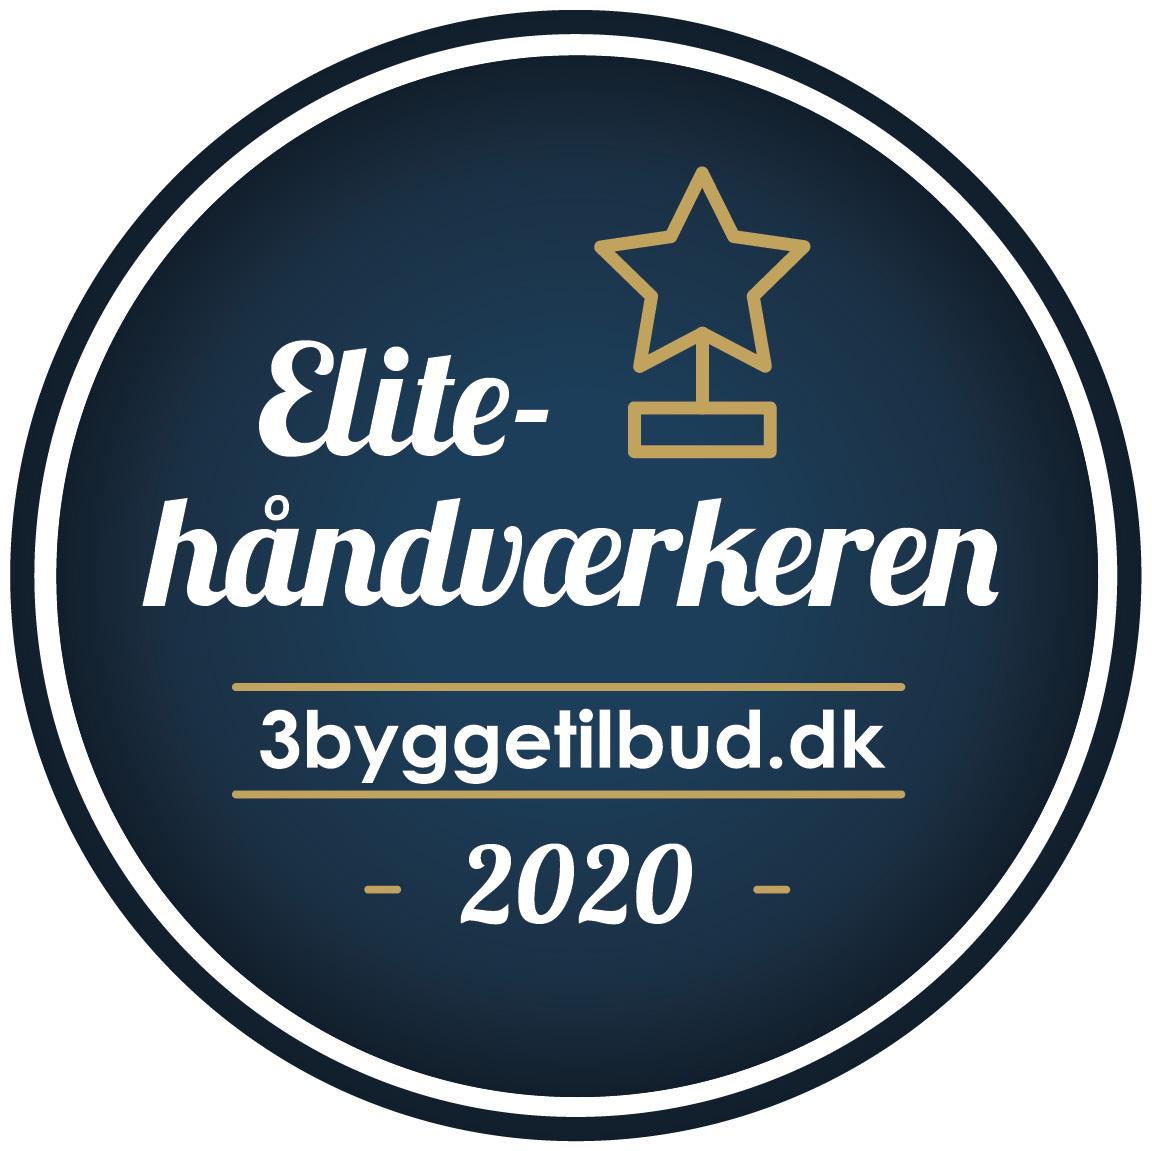 Elite håndværkeren 2020